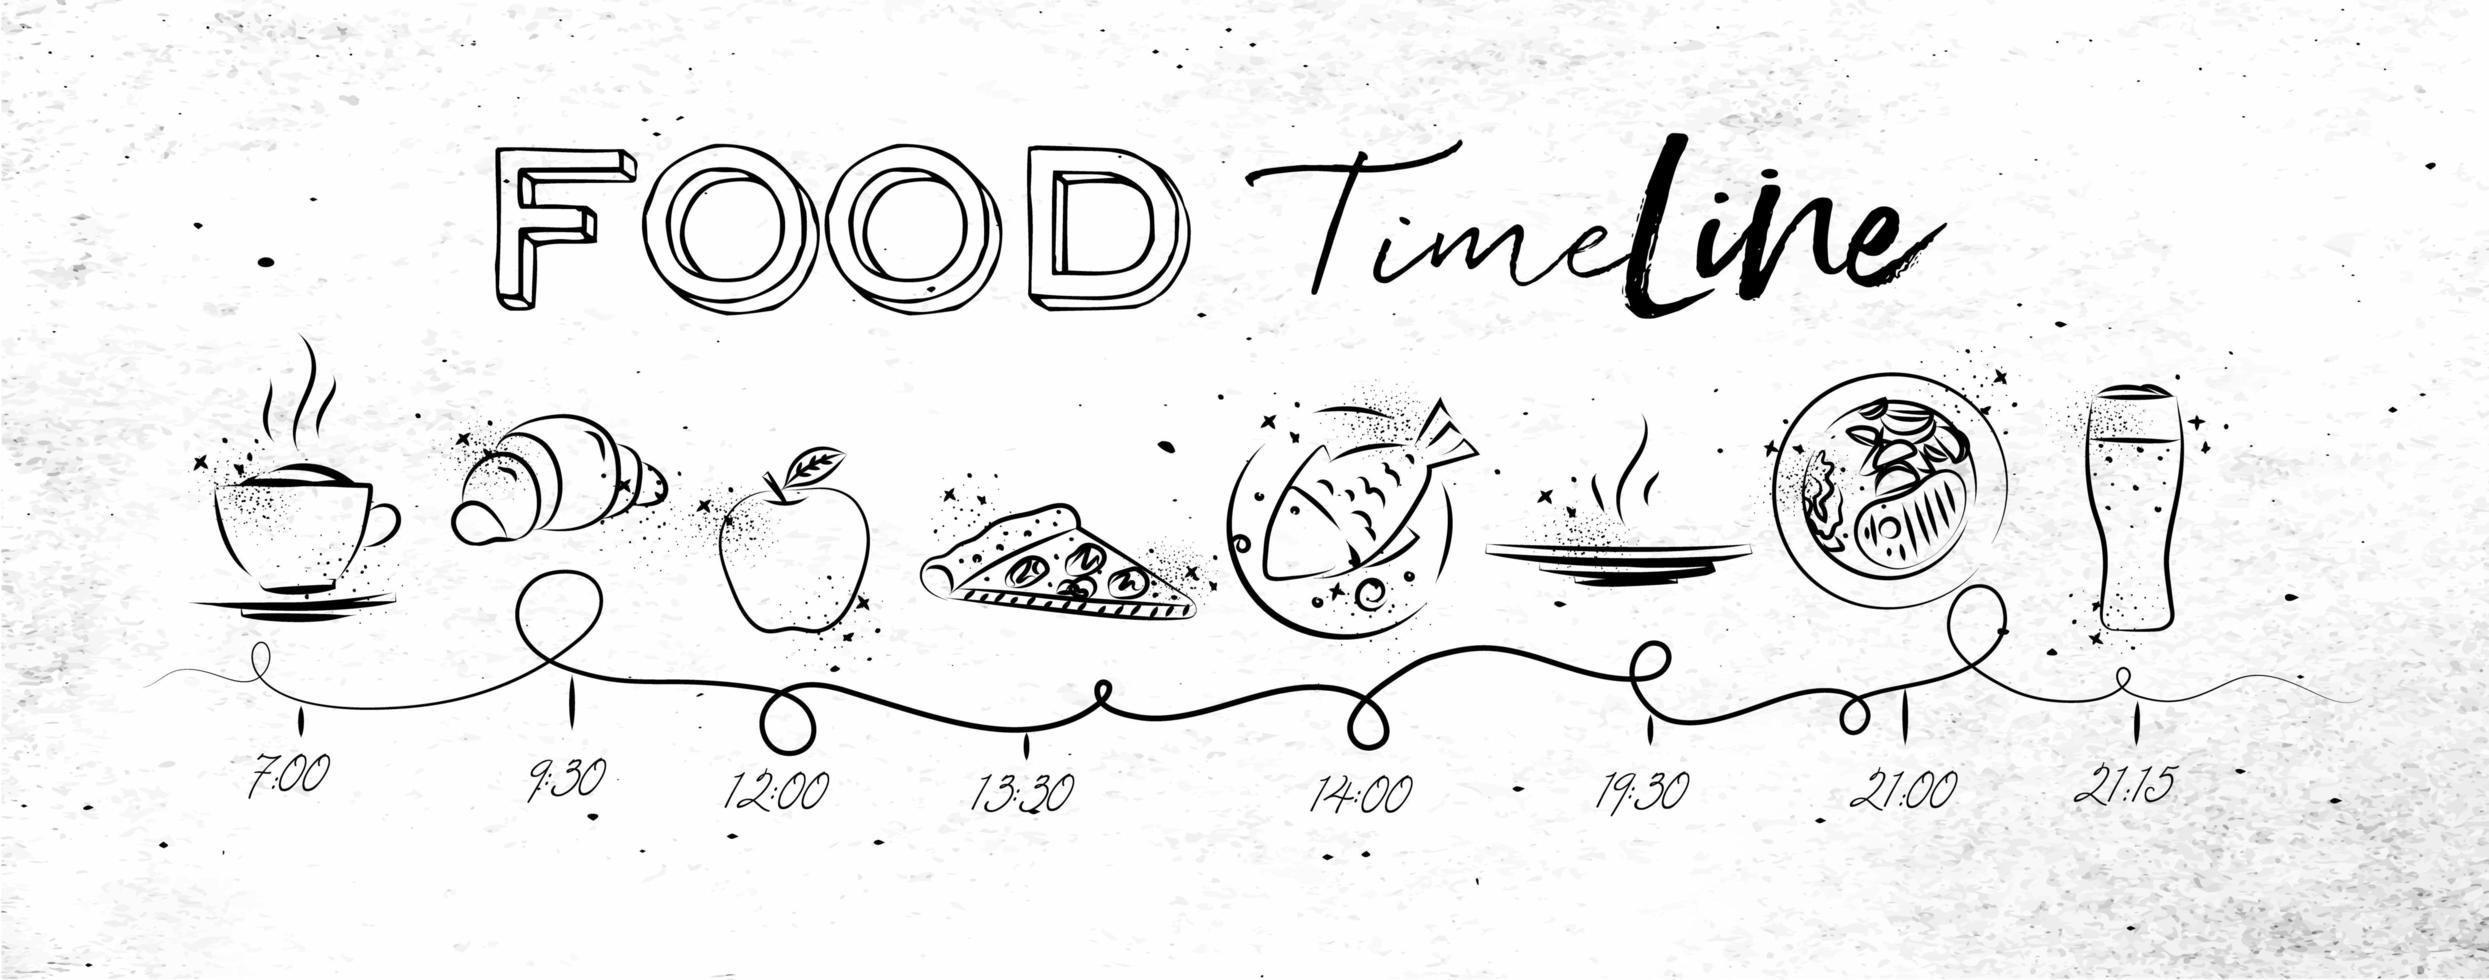 voedsel tijdlijn op vuil papier in grunge stijl vector